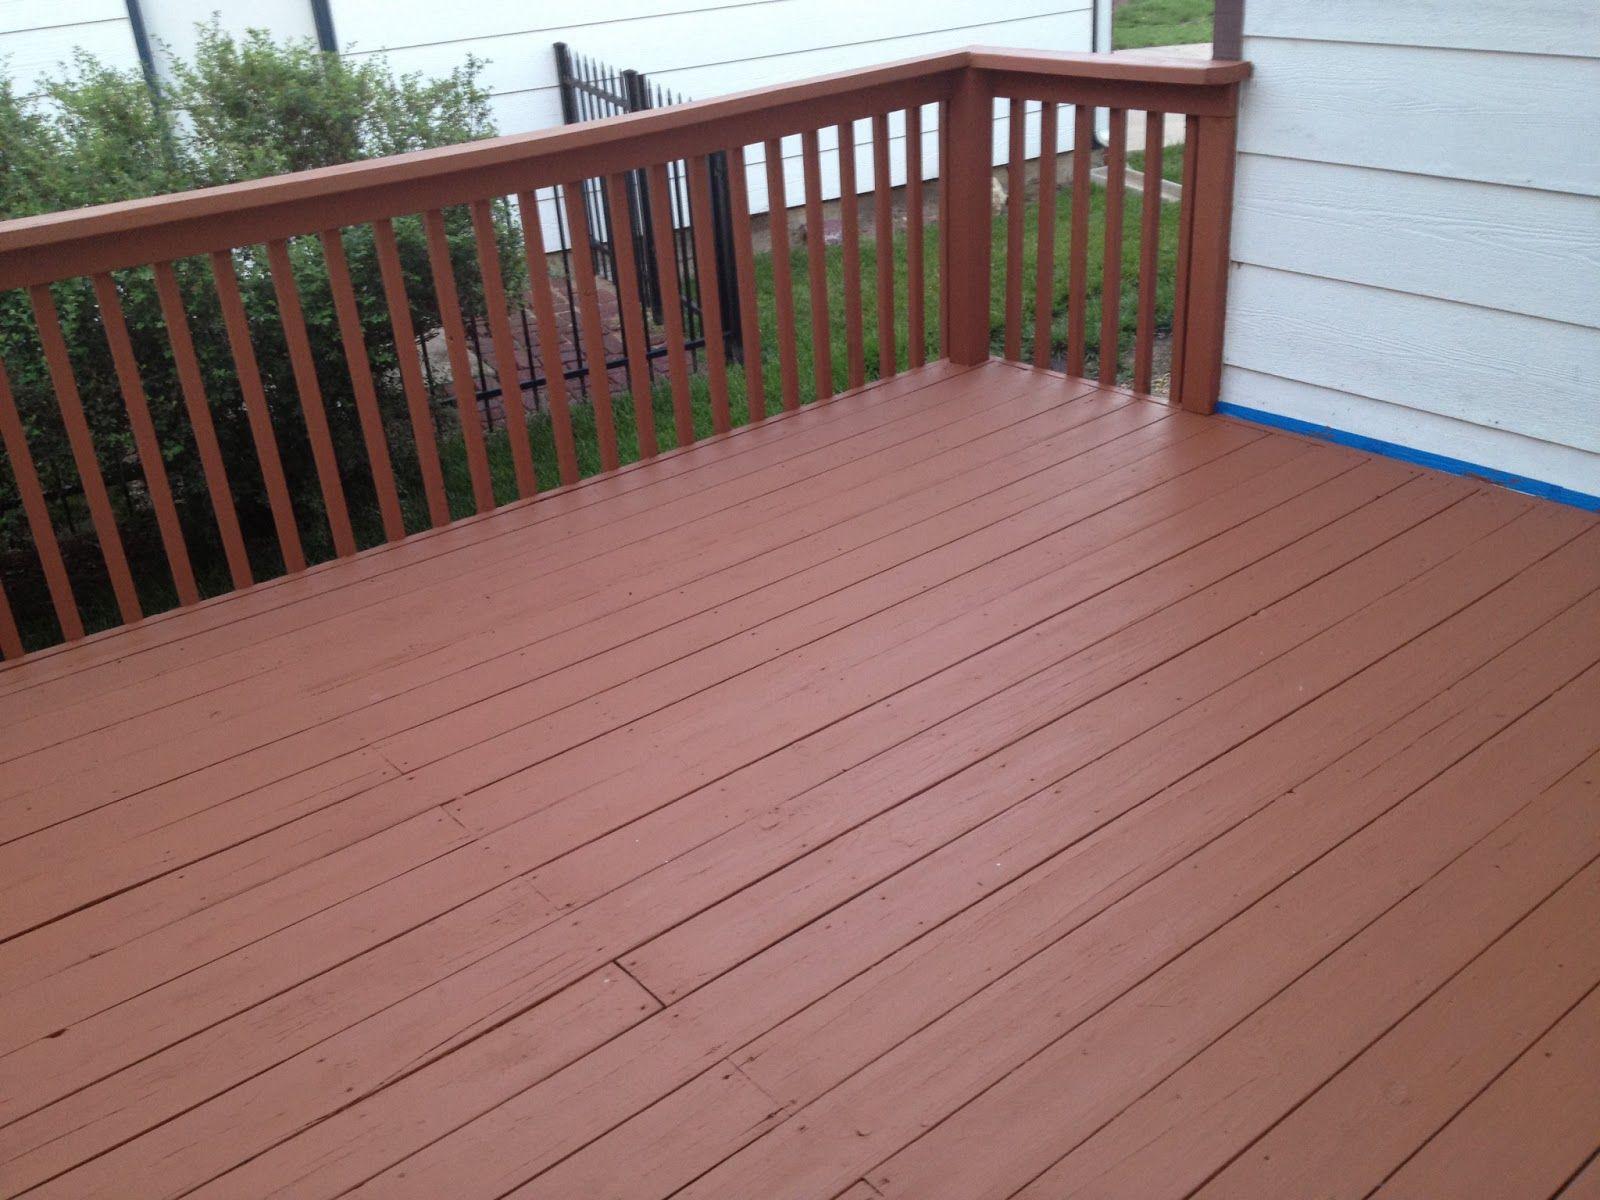 Behr Deckover Review Staining Deck Deck Paint Deck Paint Colors